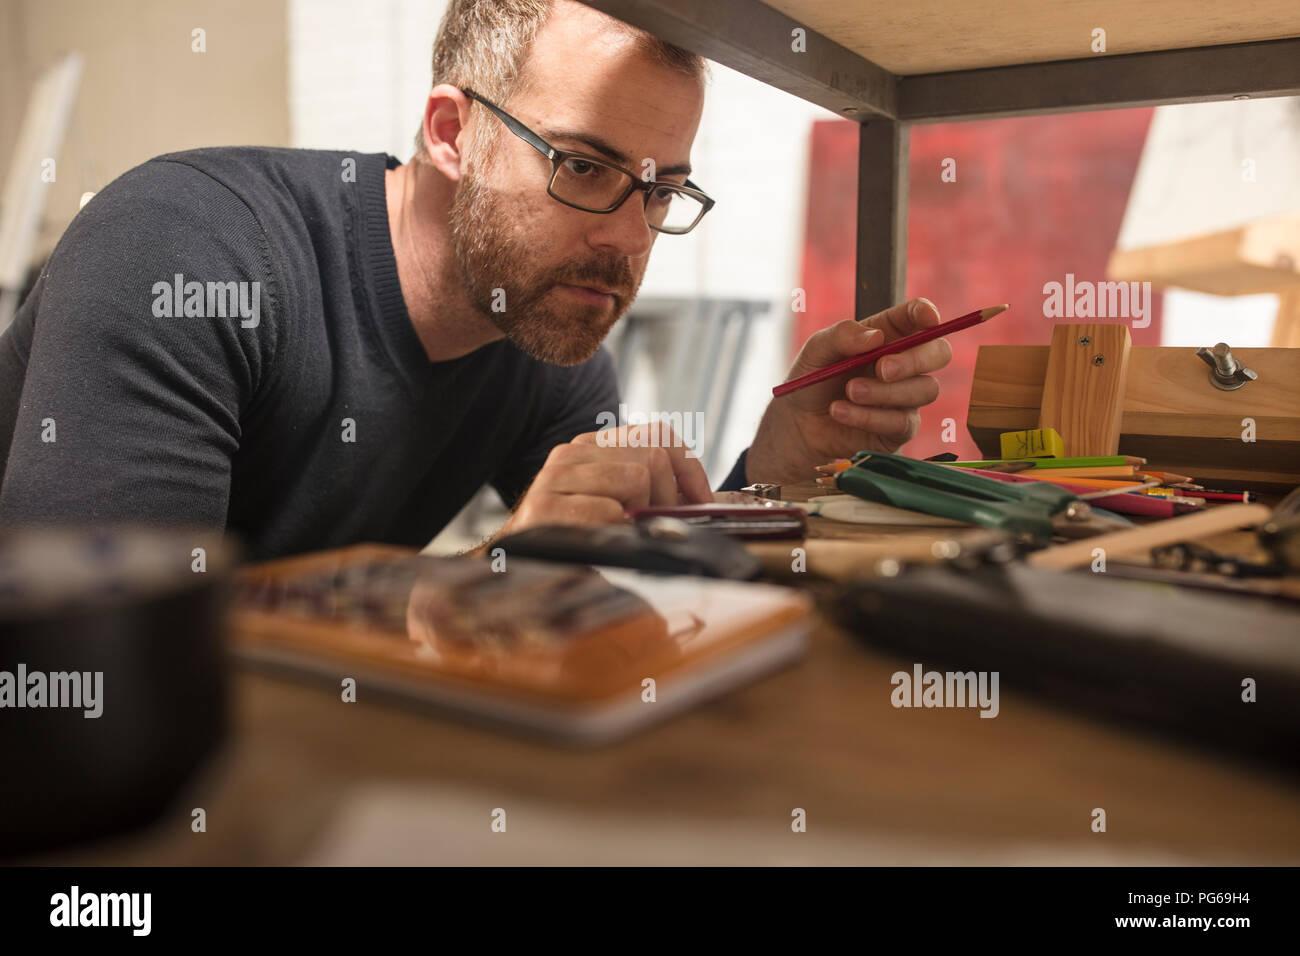 L'homme dans un studio d'artiste contrôles des fournitures Photo Stock